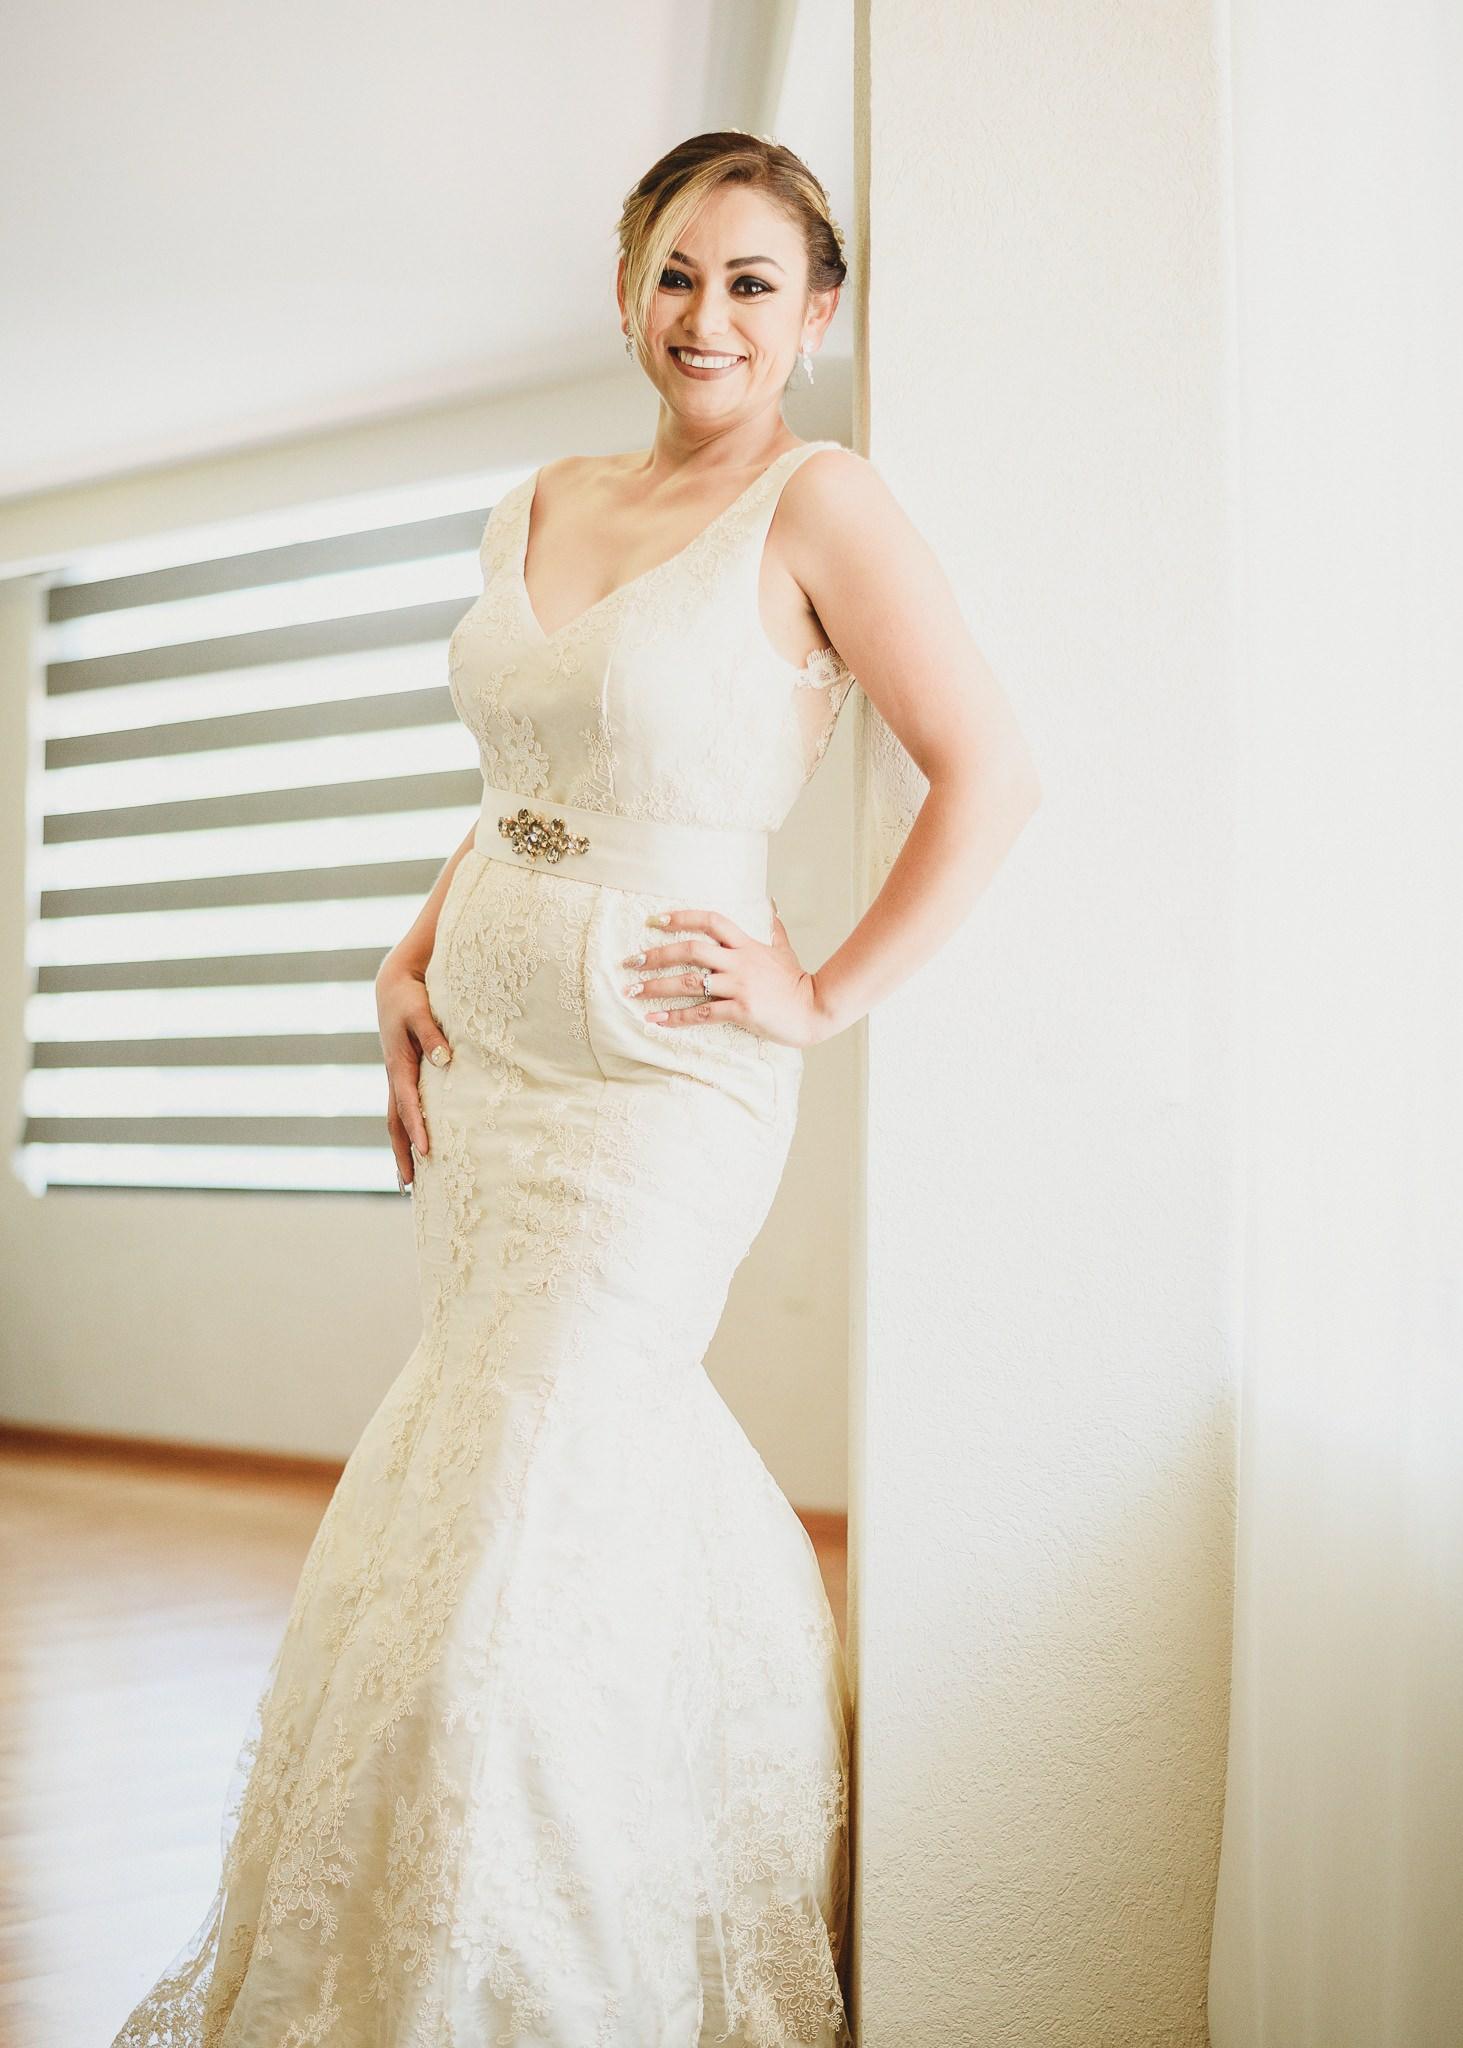 01getting-ready-wedding-hotel-las-trojes-boda-preparativos-fotografo-luis-houdin43